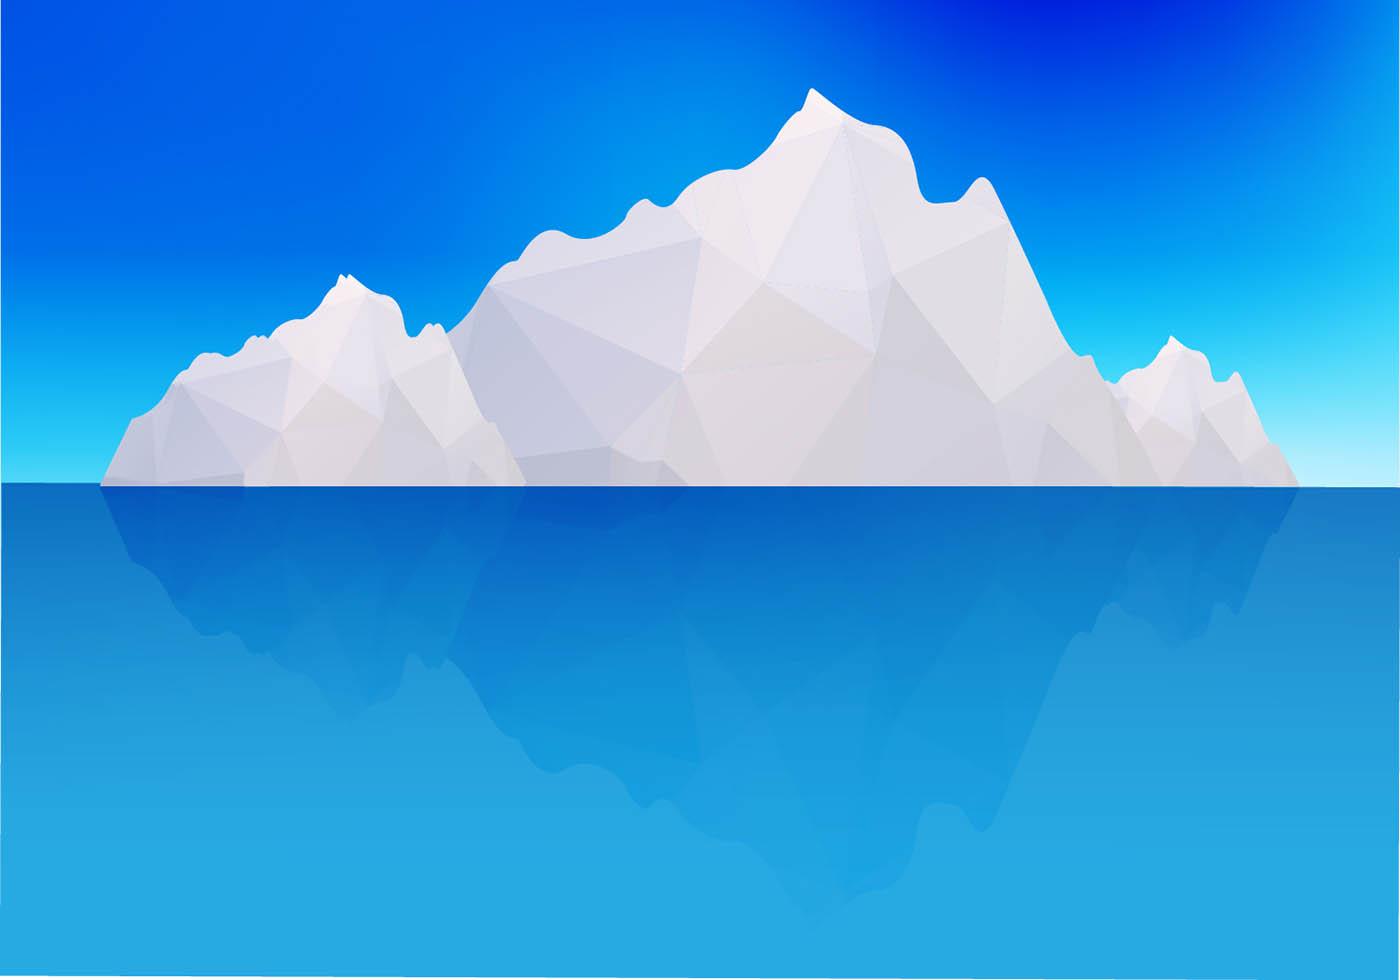 Iceberg vector - Download Free Vector Art, Stock Graphics ...